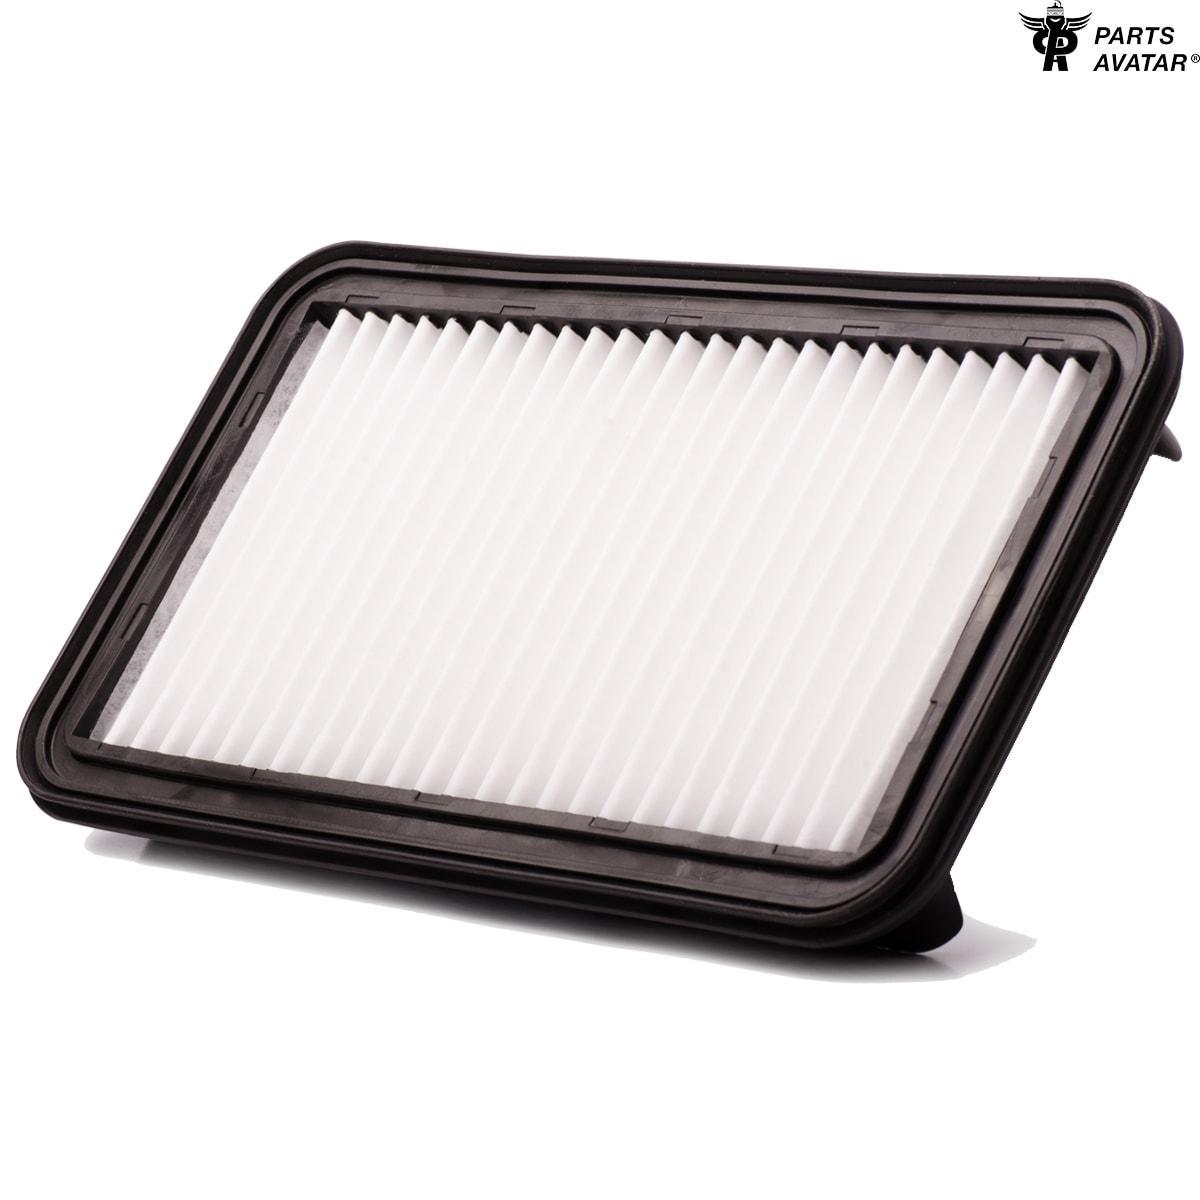 1.1. Paper Air Filters